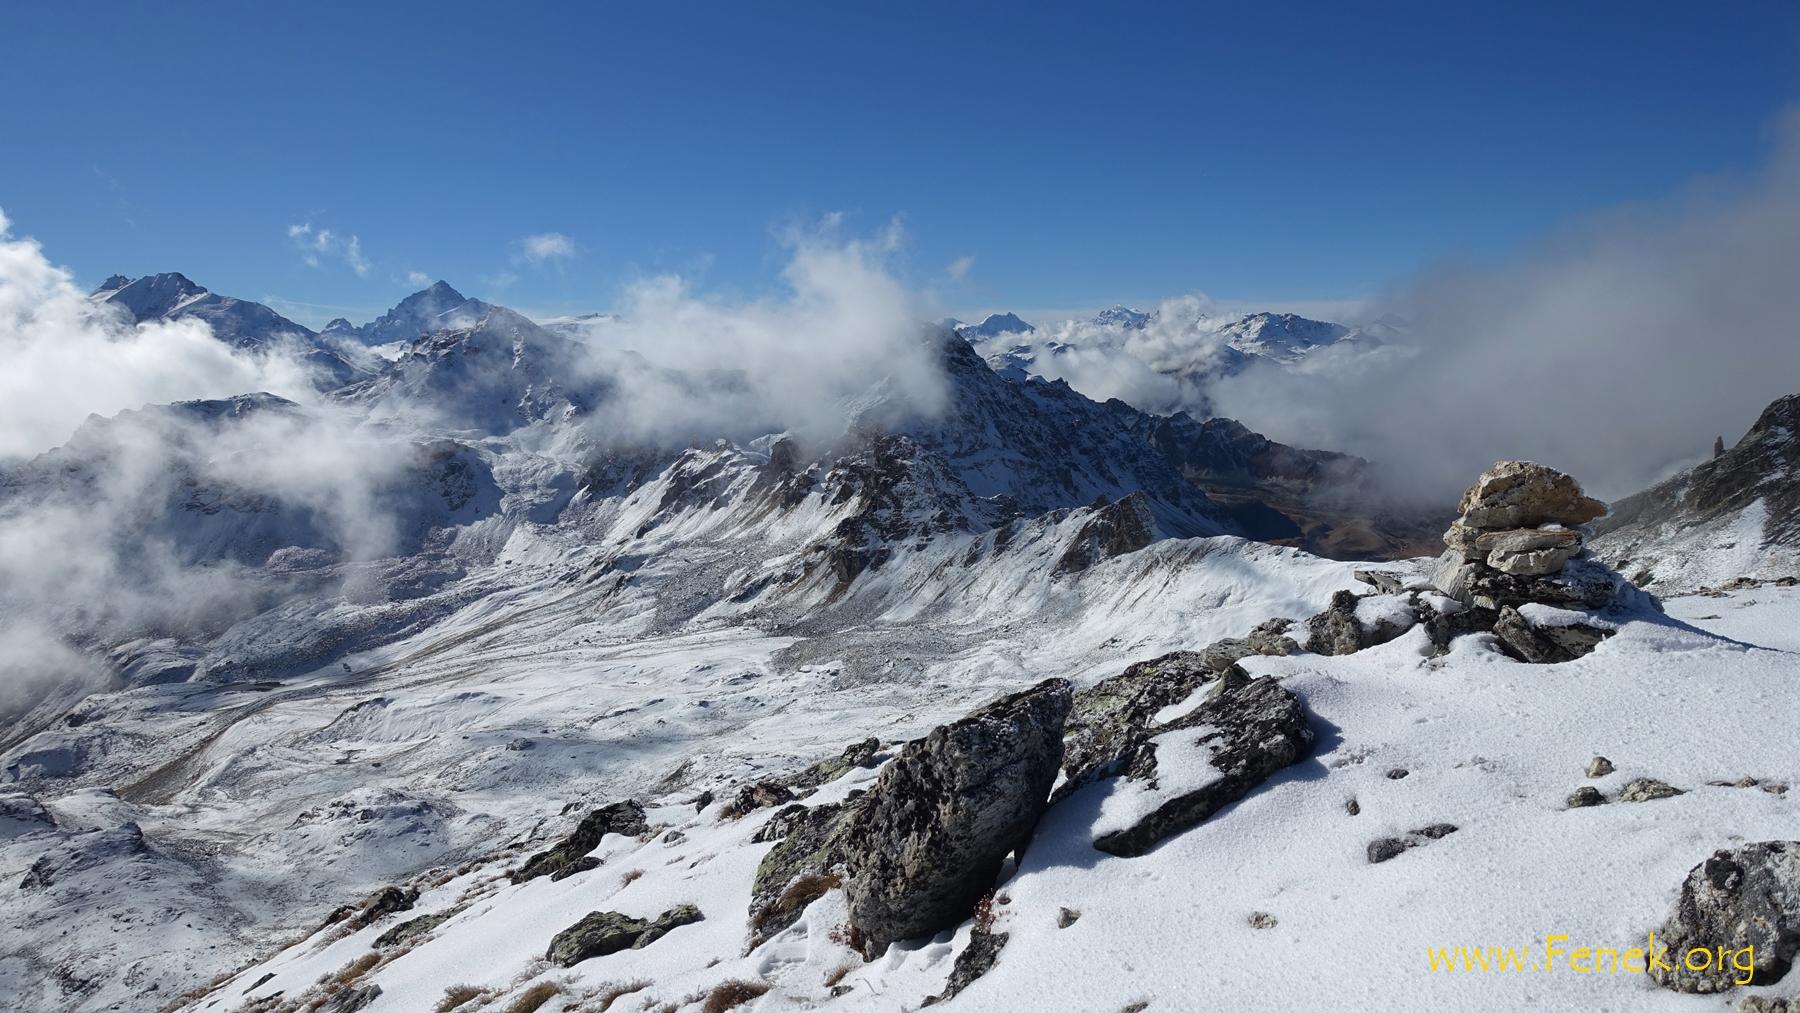 Gipfelsicht - hinter dem Wölkchen wäre der Mont Blanc.......